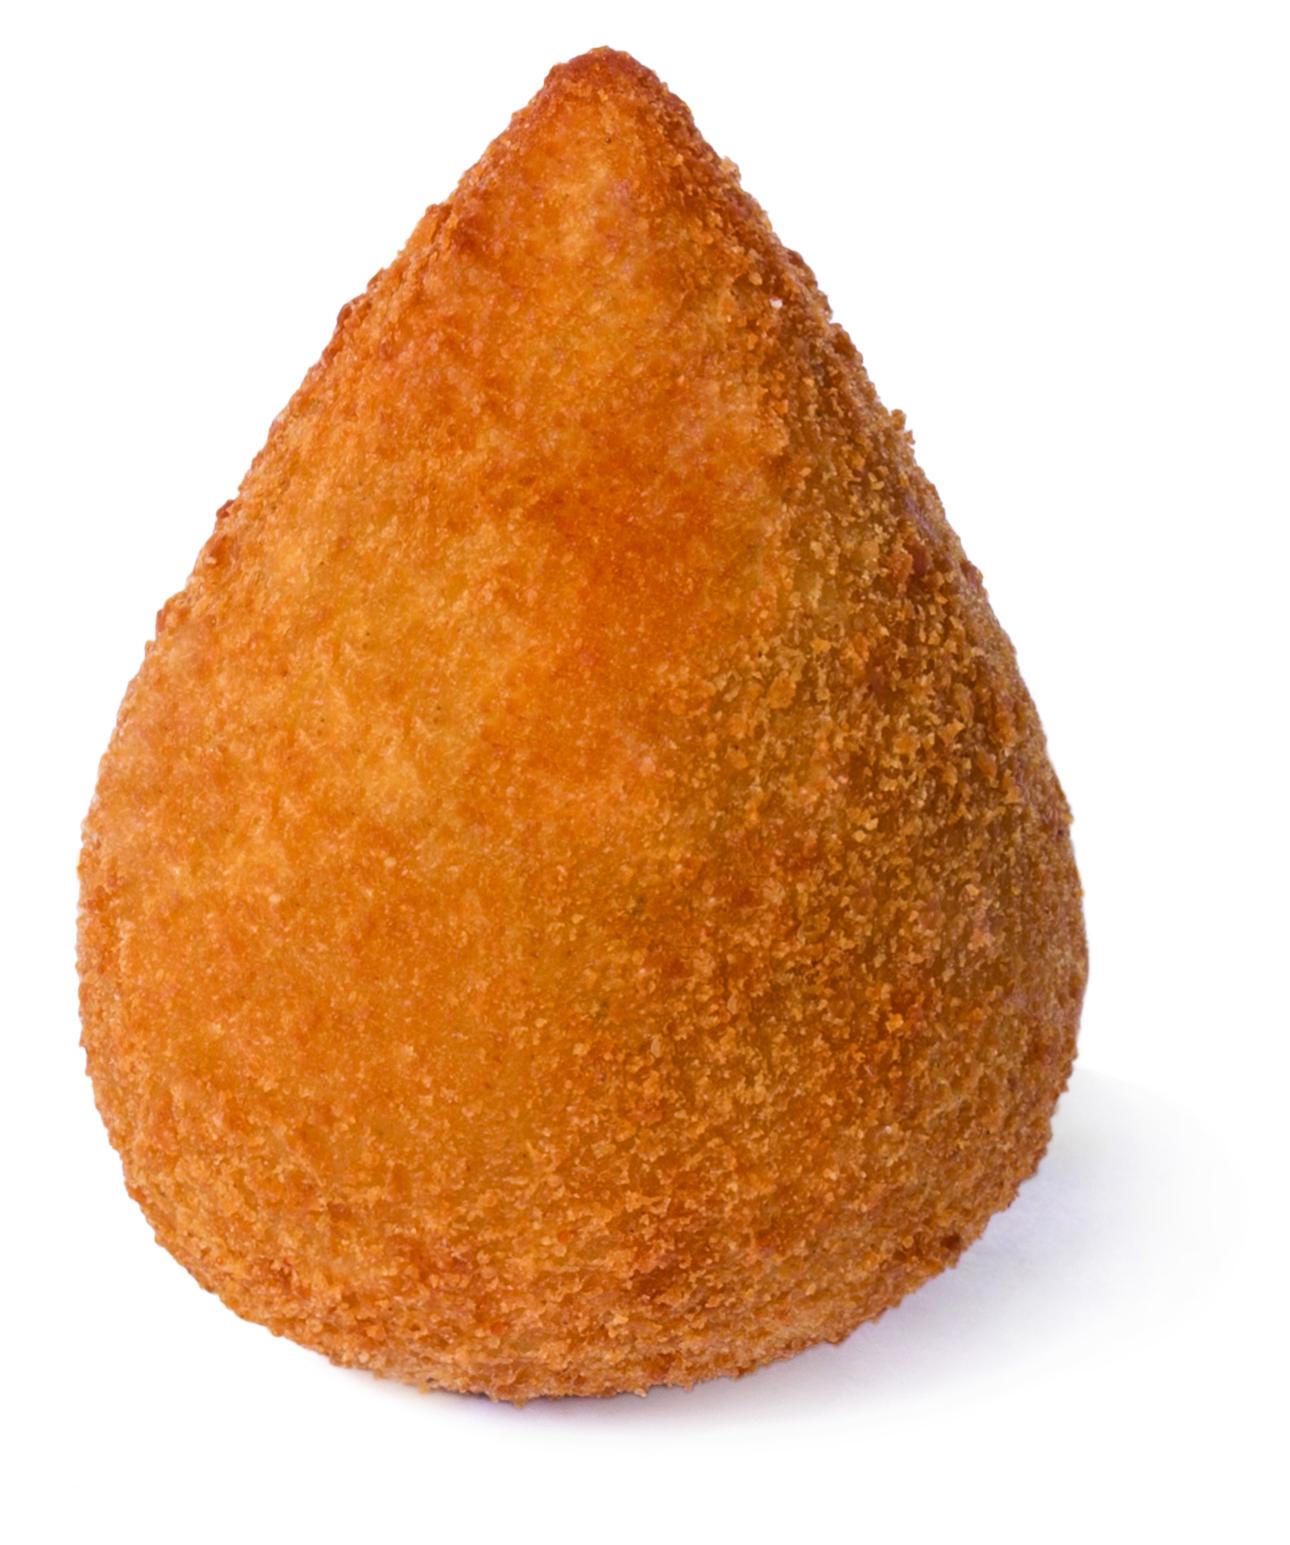 Coquetel - Fritos Coquetel (fritos) - Coxinha de Frango